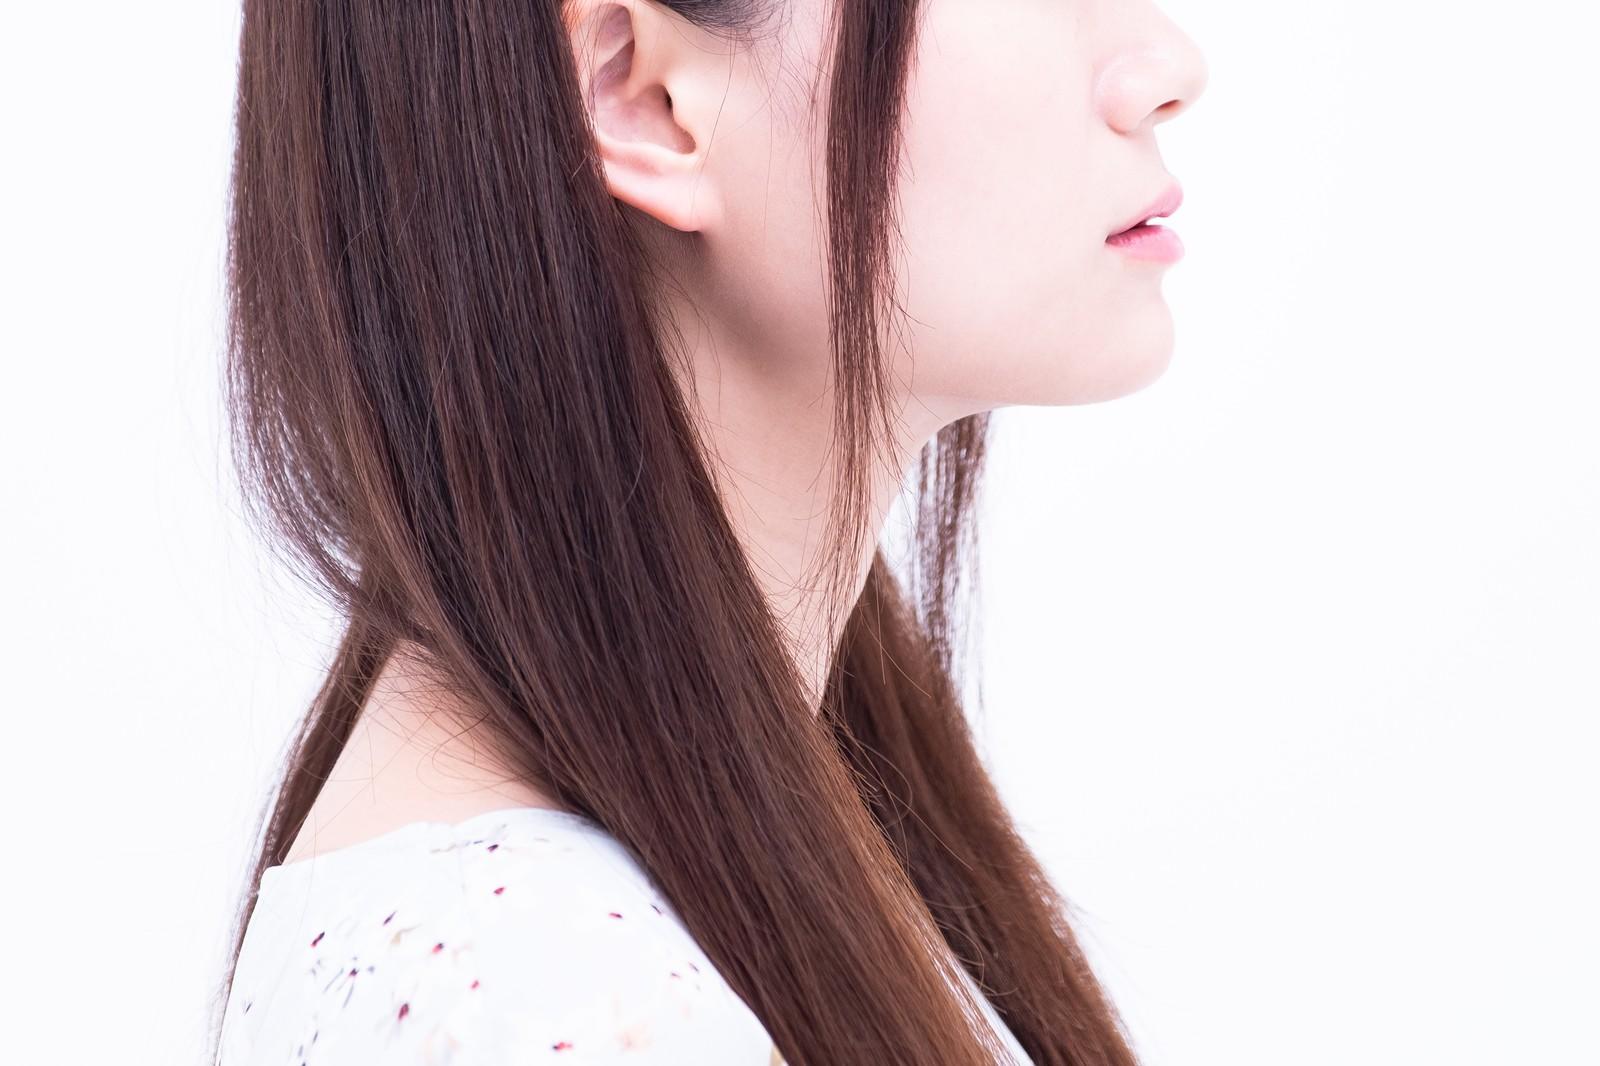 渋谷のおすすめ占い&サービス10選:TVや雑誌で人気の占い師が多数在籍するお店も! に「婚活もできる占い館BCAFE(ビーカフェ)渋谷店」をご紹介頂きました♡